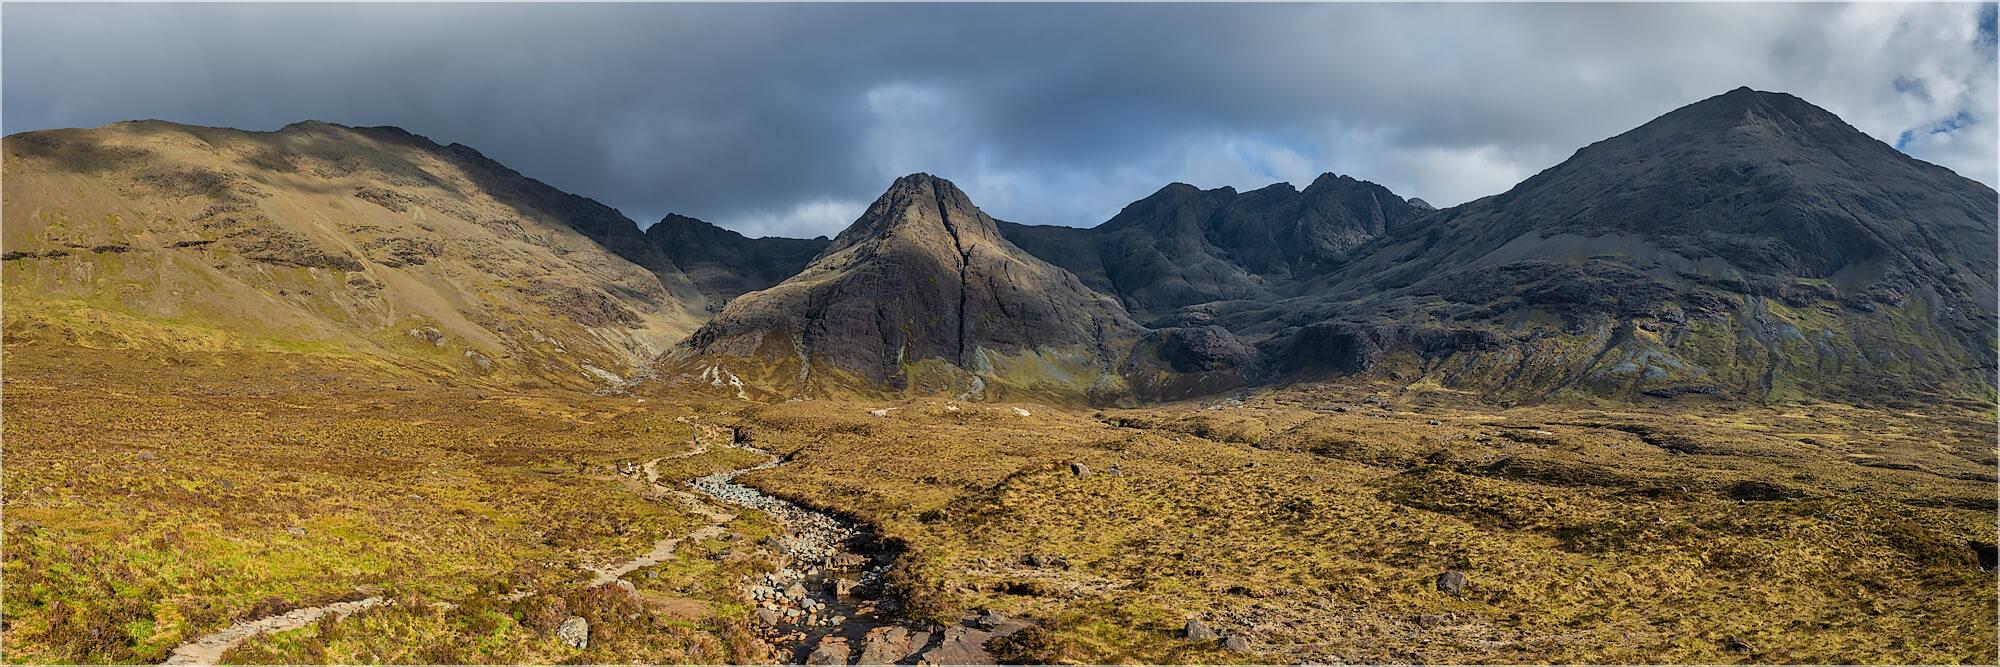 Panoramafoto Cullin Berge Fairy Pools Isle of Skye Schottland